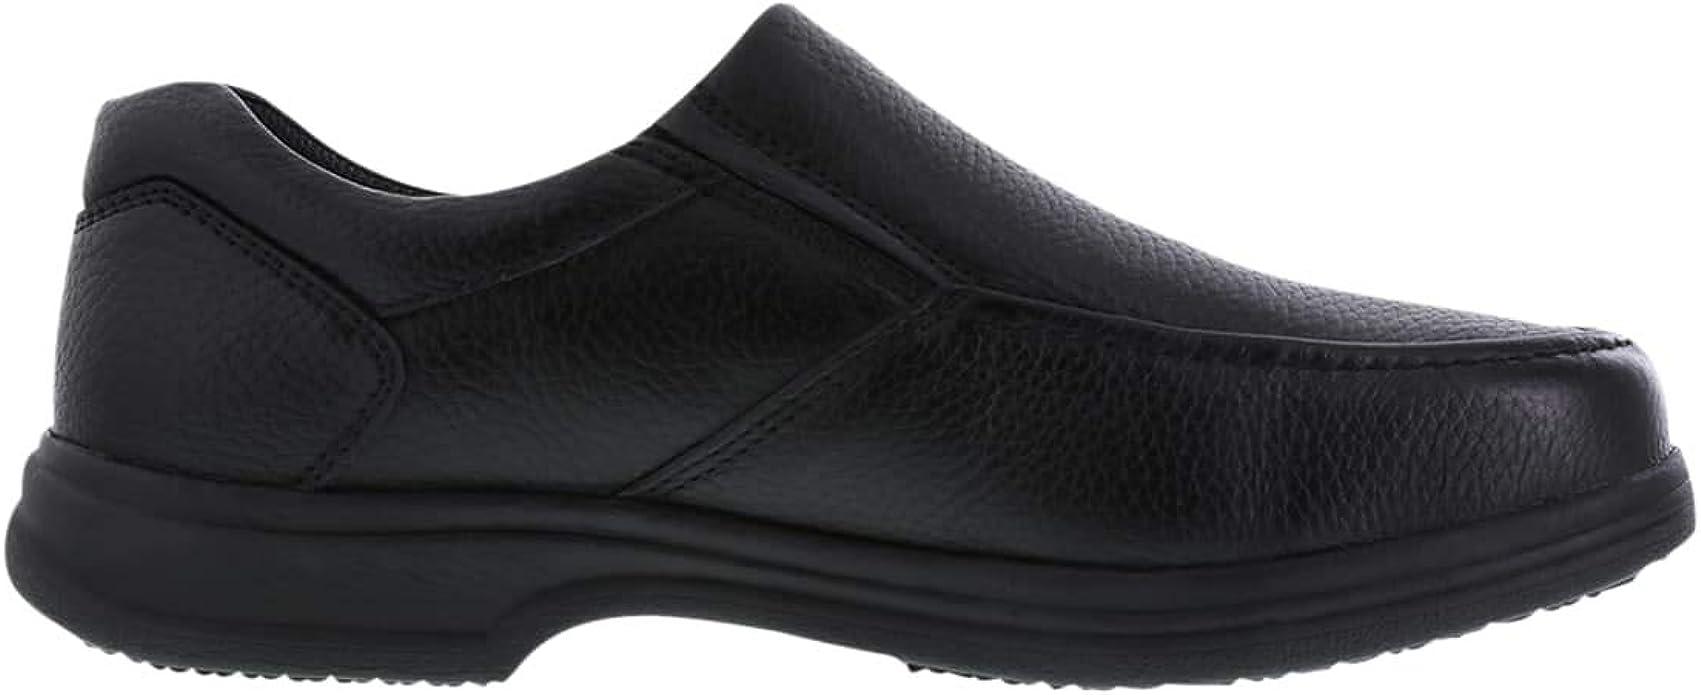 safeTstep Slip Resistant Mens Comfort